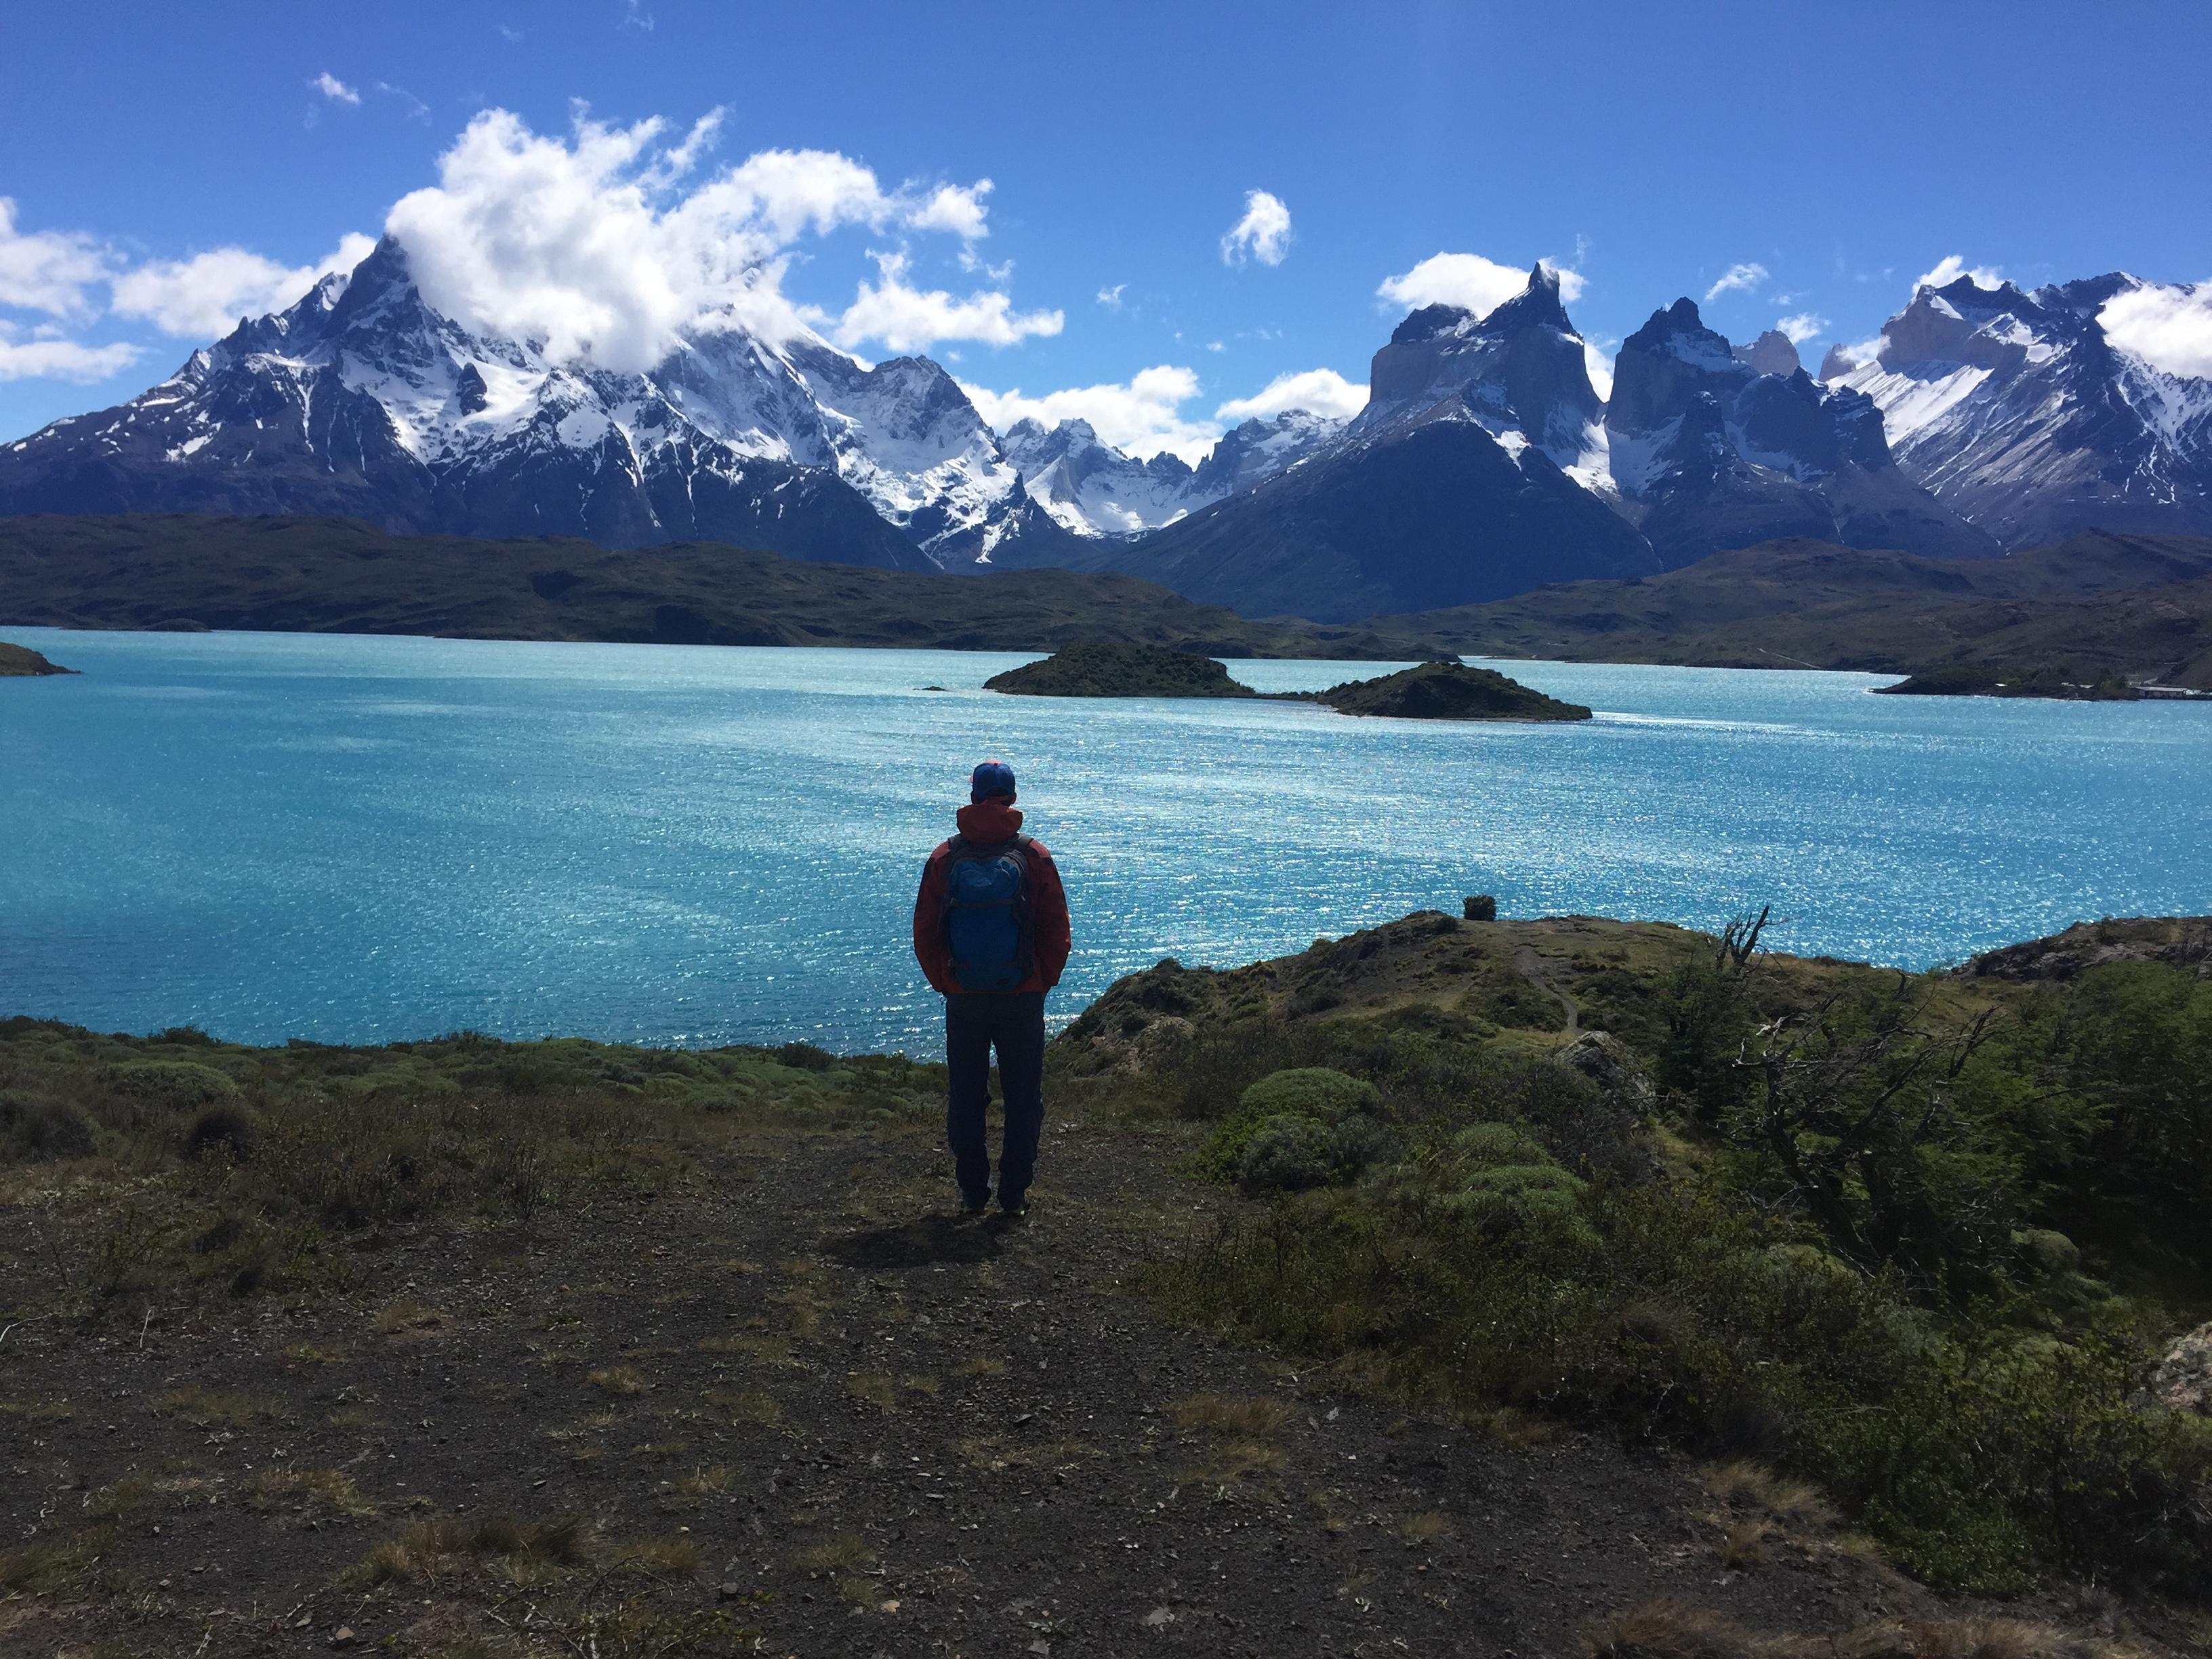 Pohľad na Torres del Paine v čilskej Patagónii